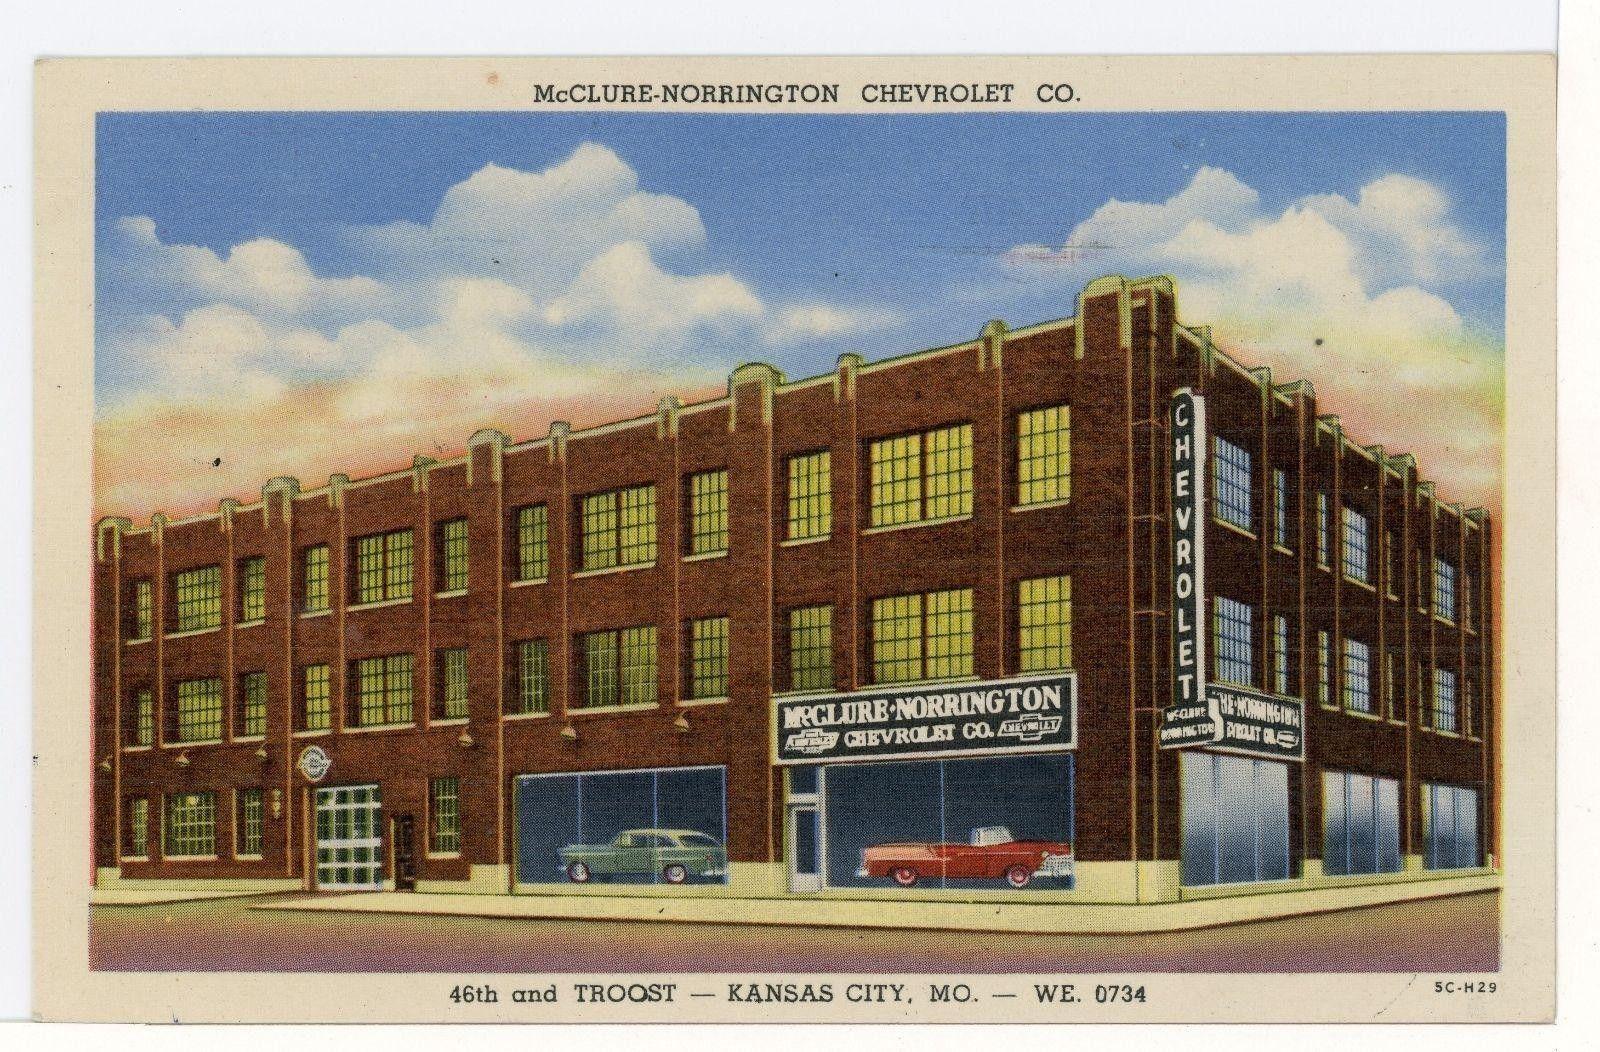 1956 Mcclure Norrington Chevrolet Co Dealership Kansas City Missouri Dealership Chevy Dealerships Chevrolet